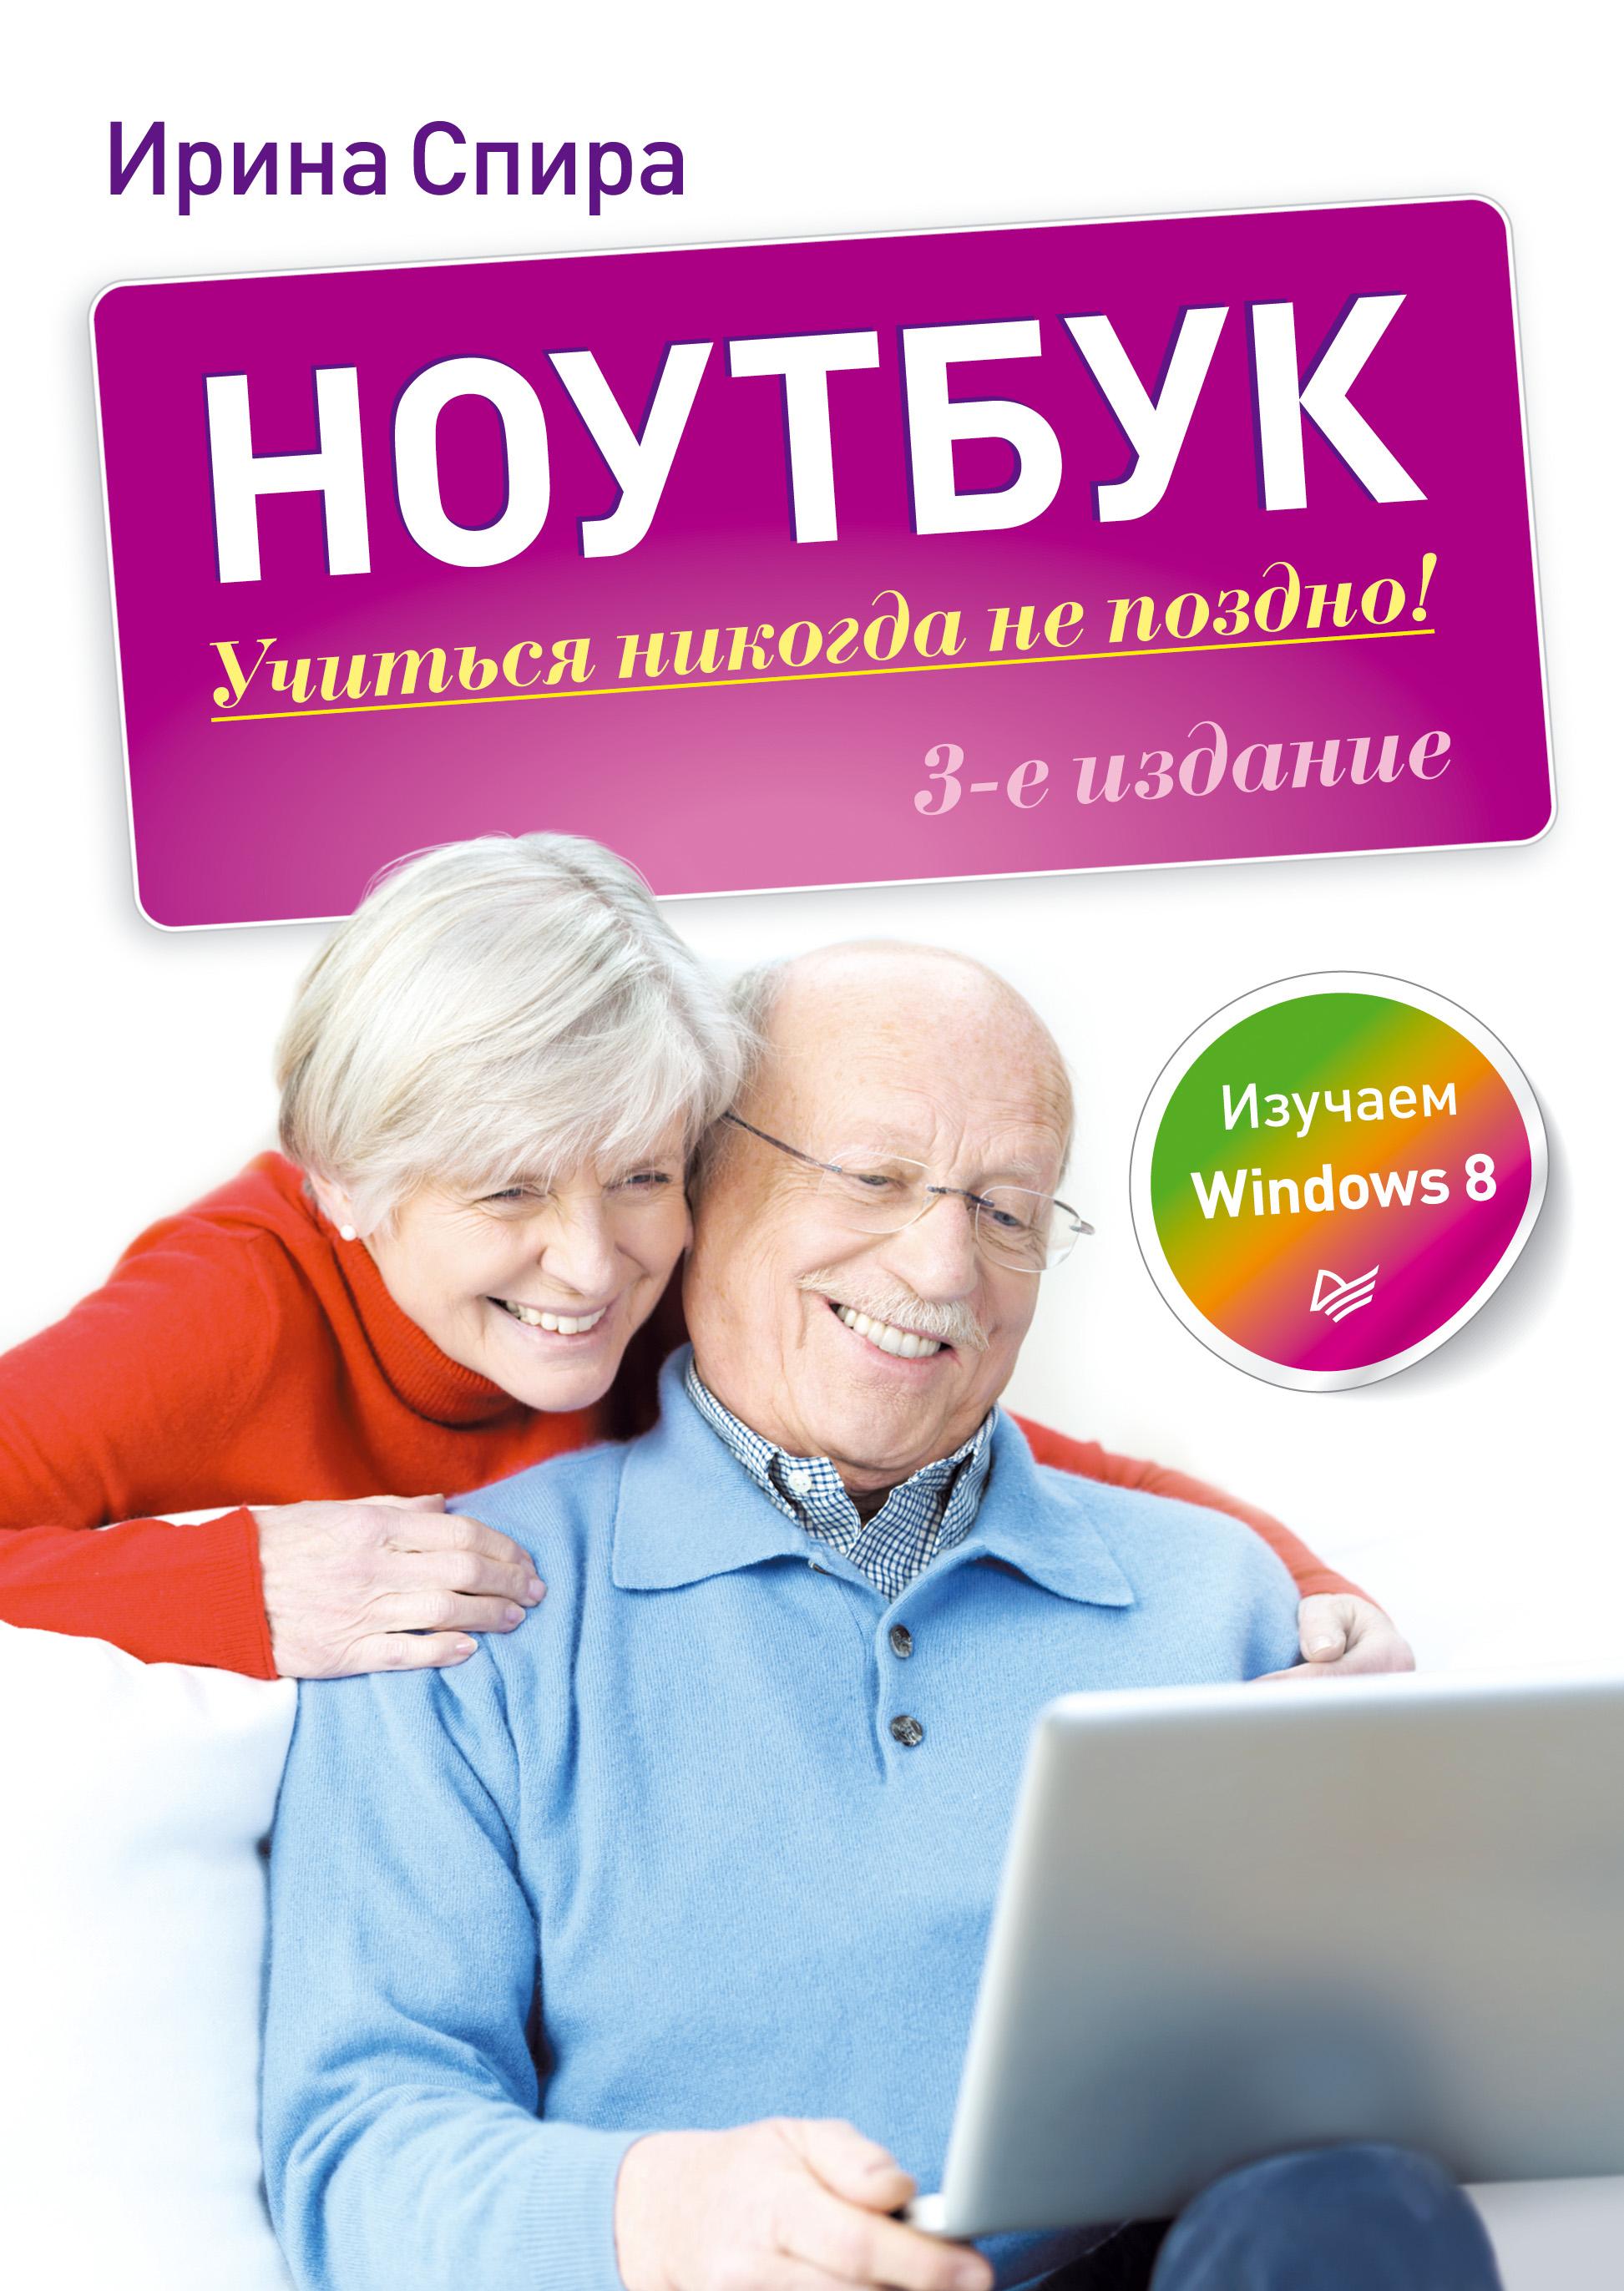 Ирина Спира Ноутбук: учиться никогда не поздно (3-е издание) компьютер учиться никогда не поздно 2 е изд